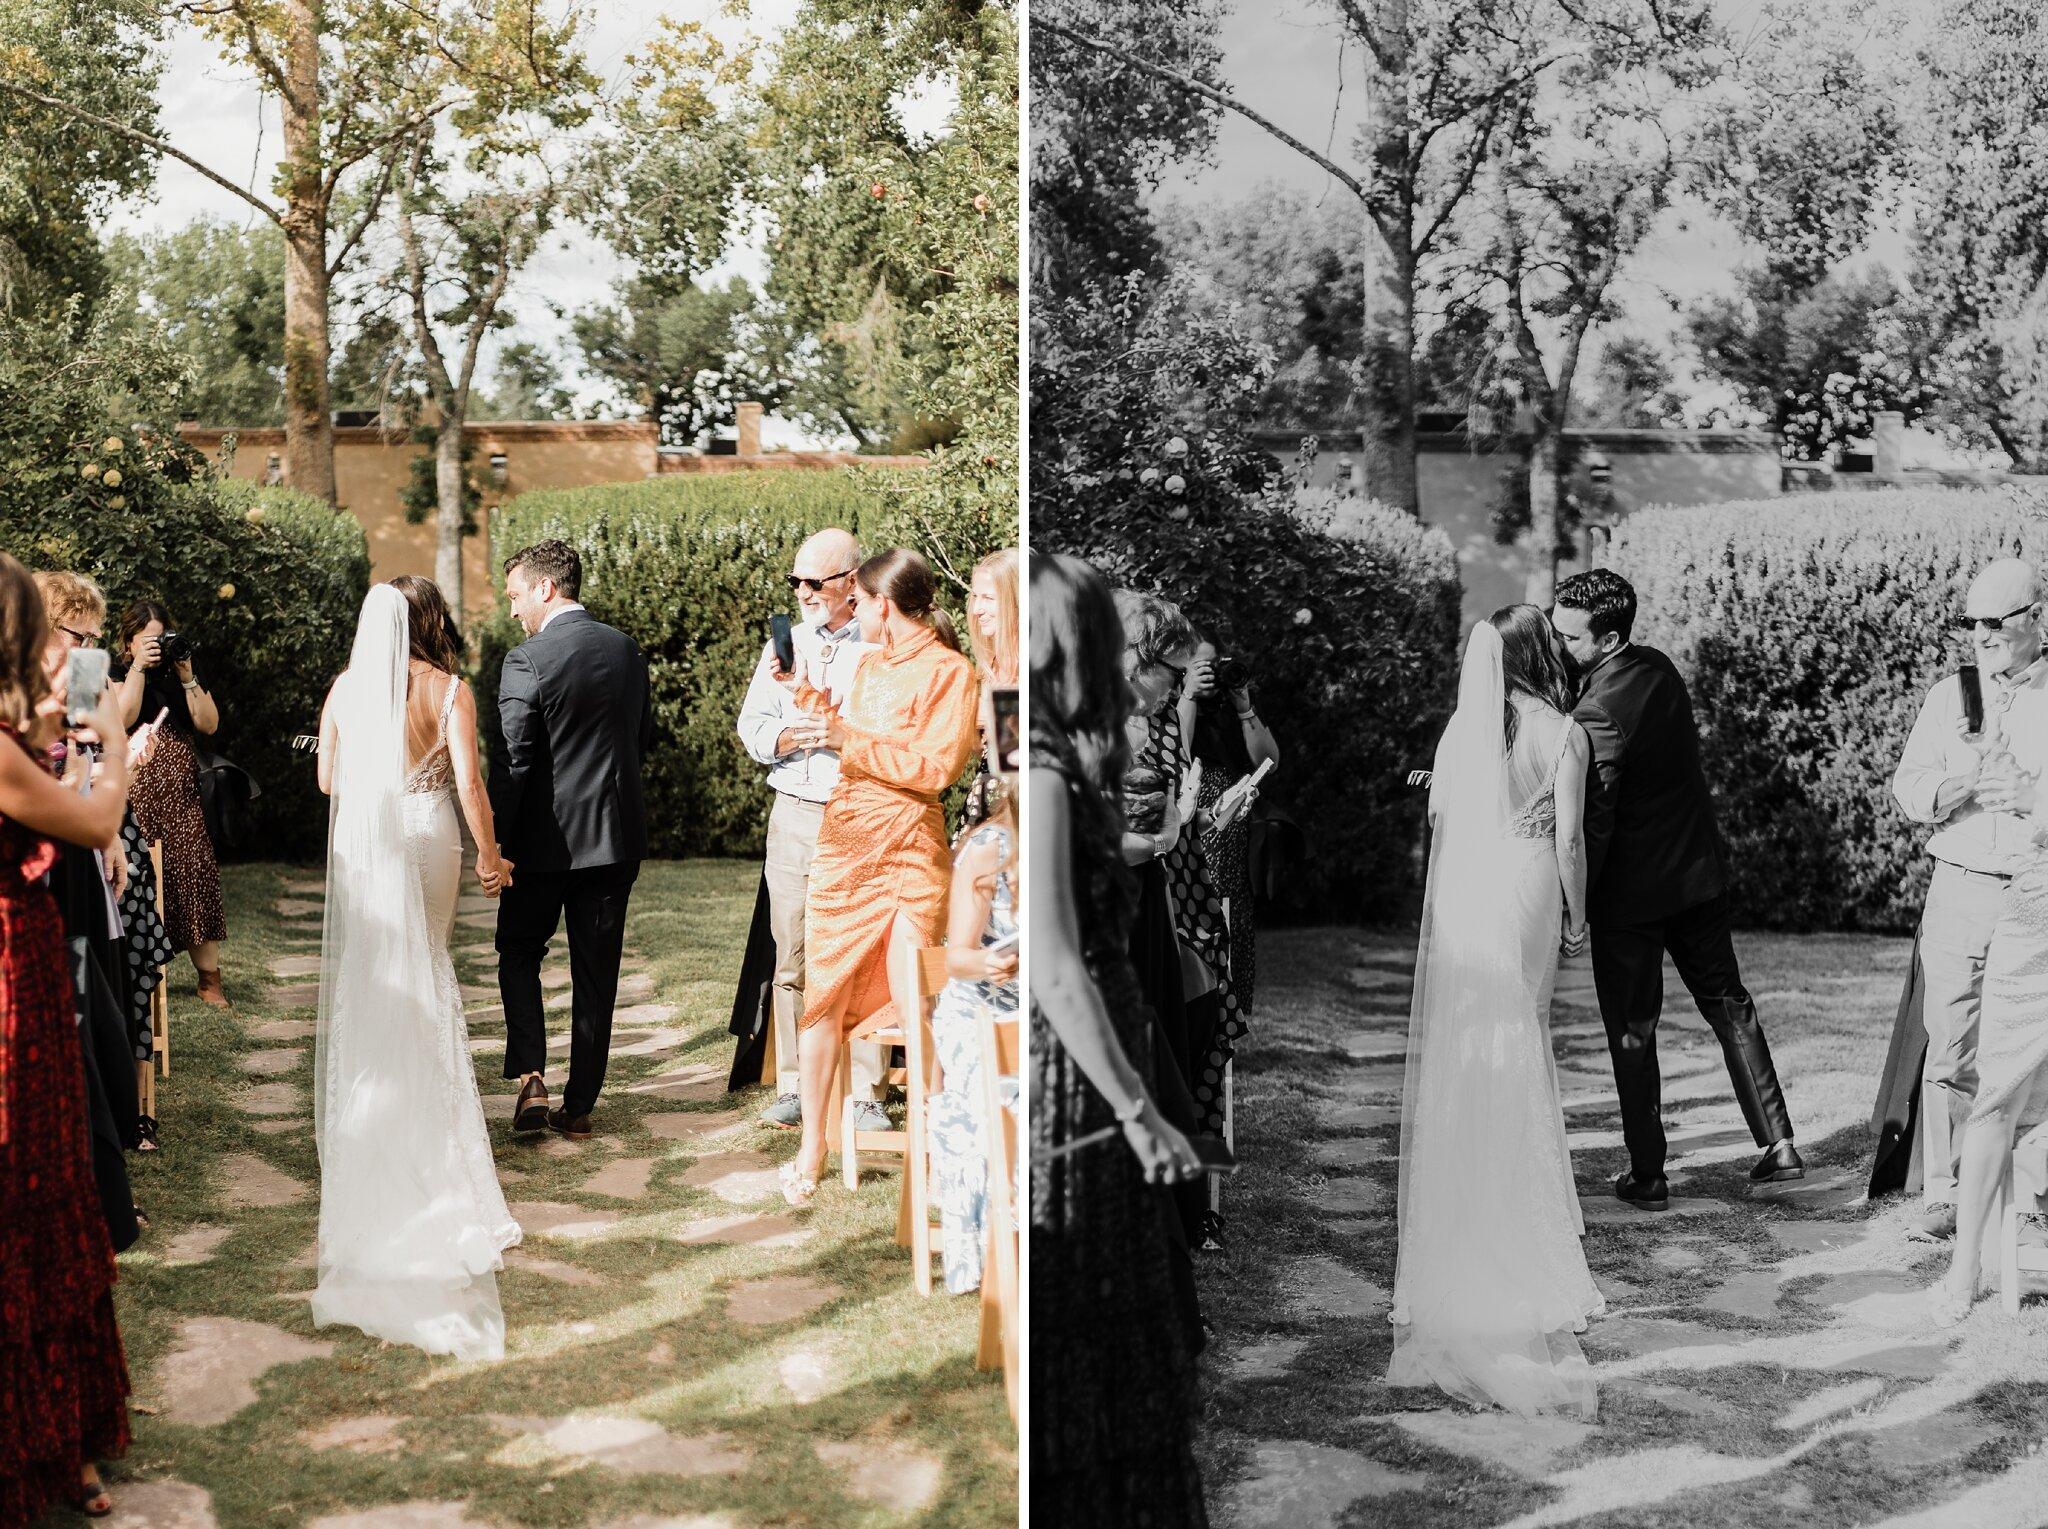 Alicia+lucia+photography+-+albuquerque+wedding+photographer+-+santa+fe+wedding+photography+-+new+mexico+wedding+photographer+-+new+mexico+wedding+-+wedding+-+albuquerque+wedding+-+los+poblanos+-+los+poblanos+wedding+-+fall+wedding_0068.jpg